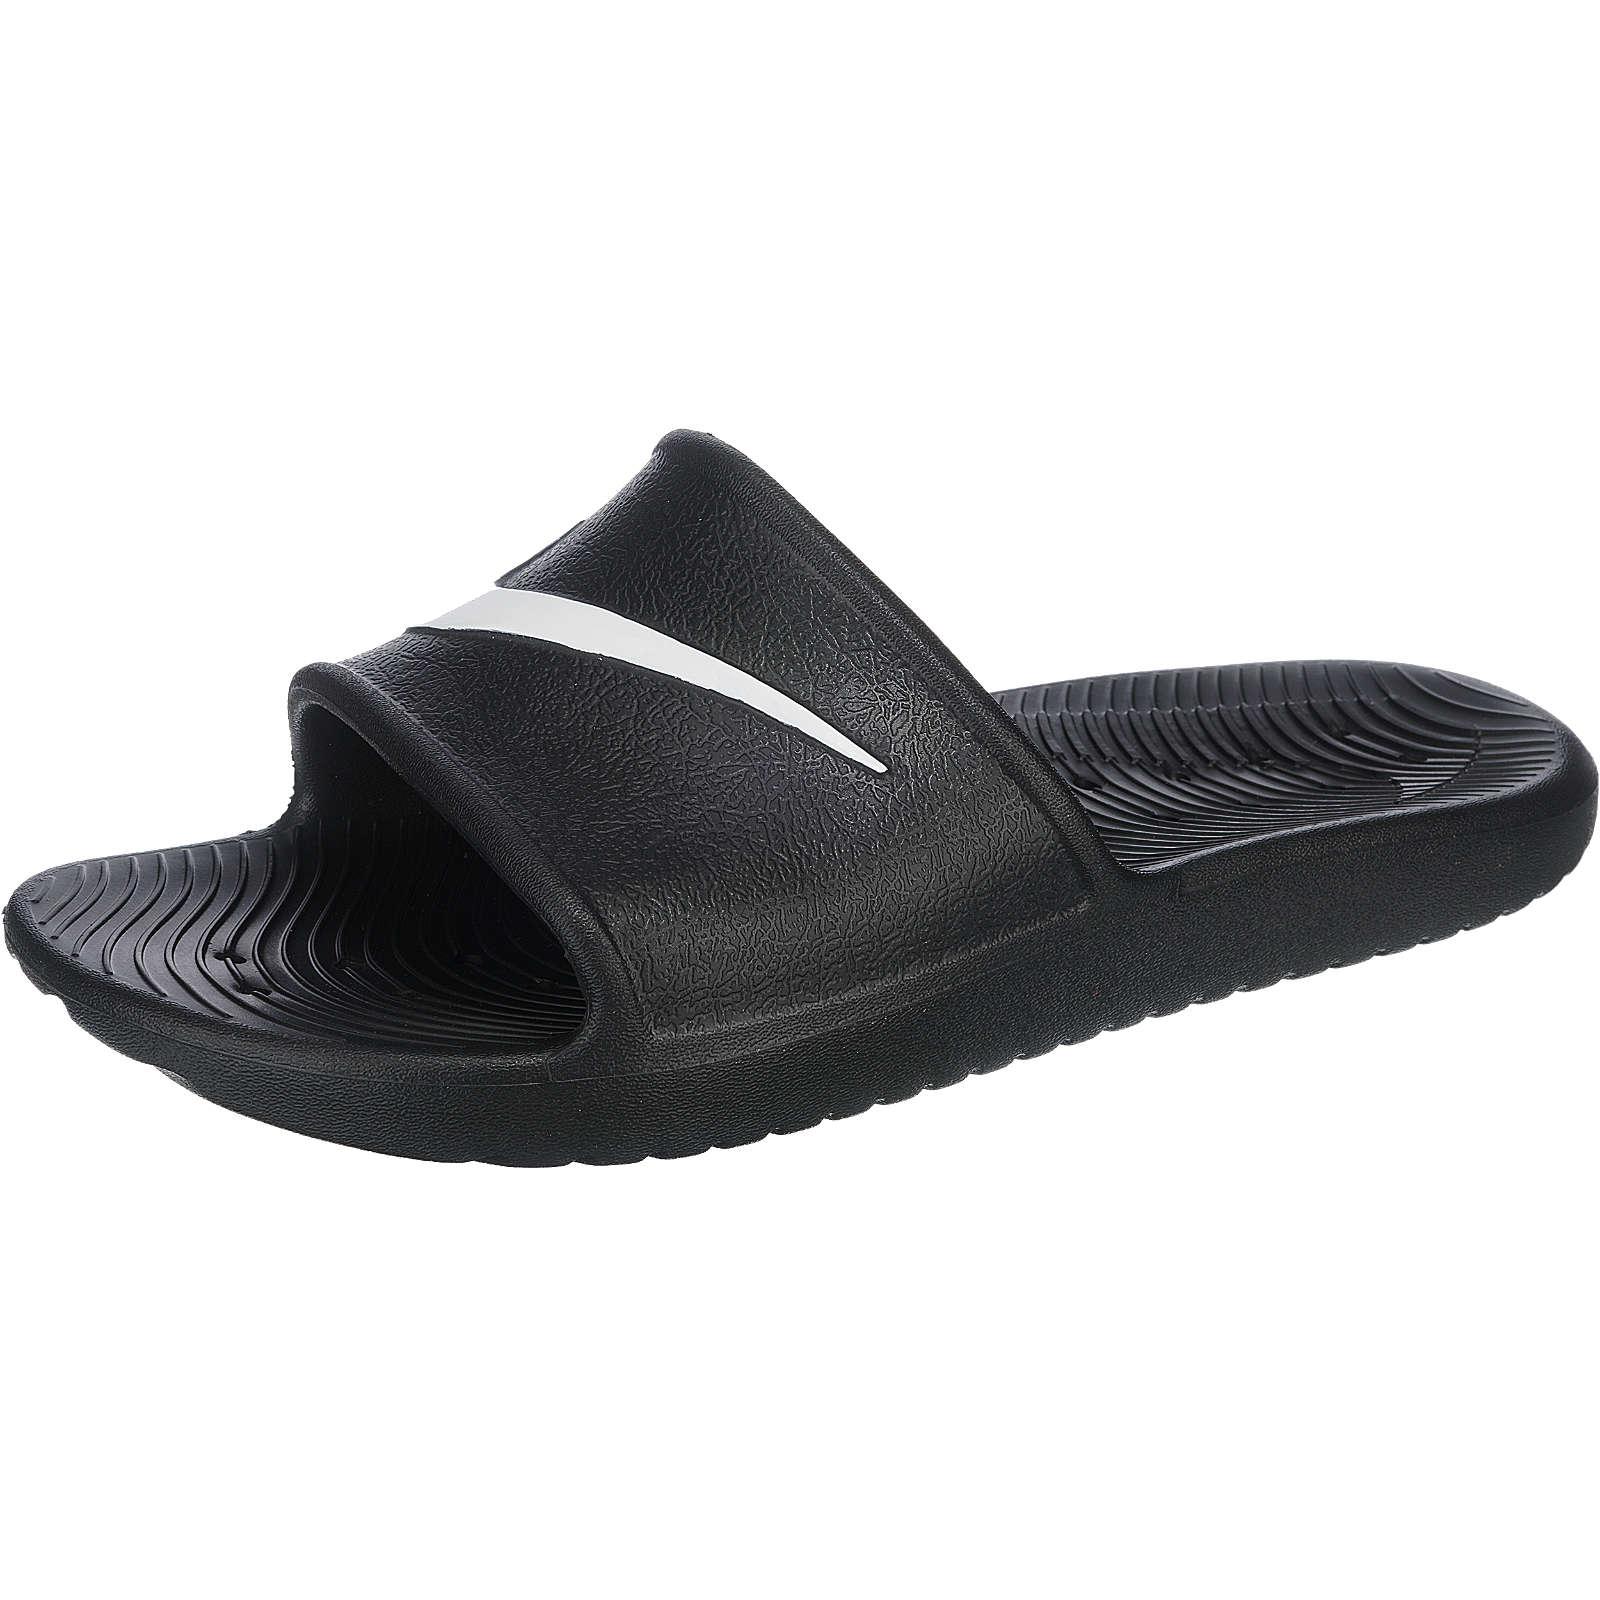 Nike Sportswear Kawa Shower Sneakers Low schwarz Herren Gr. 38,5